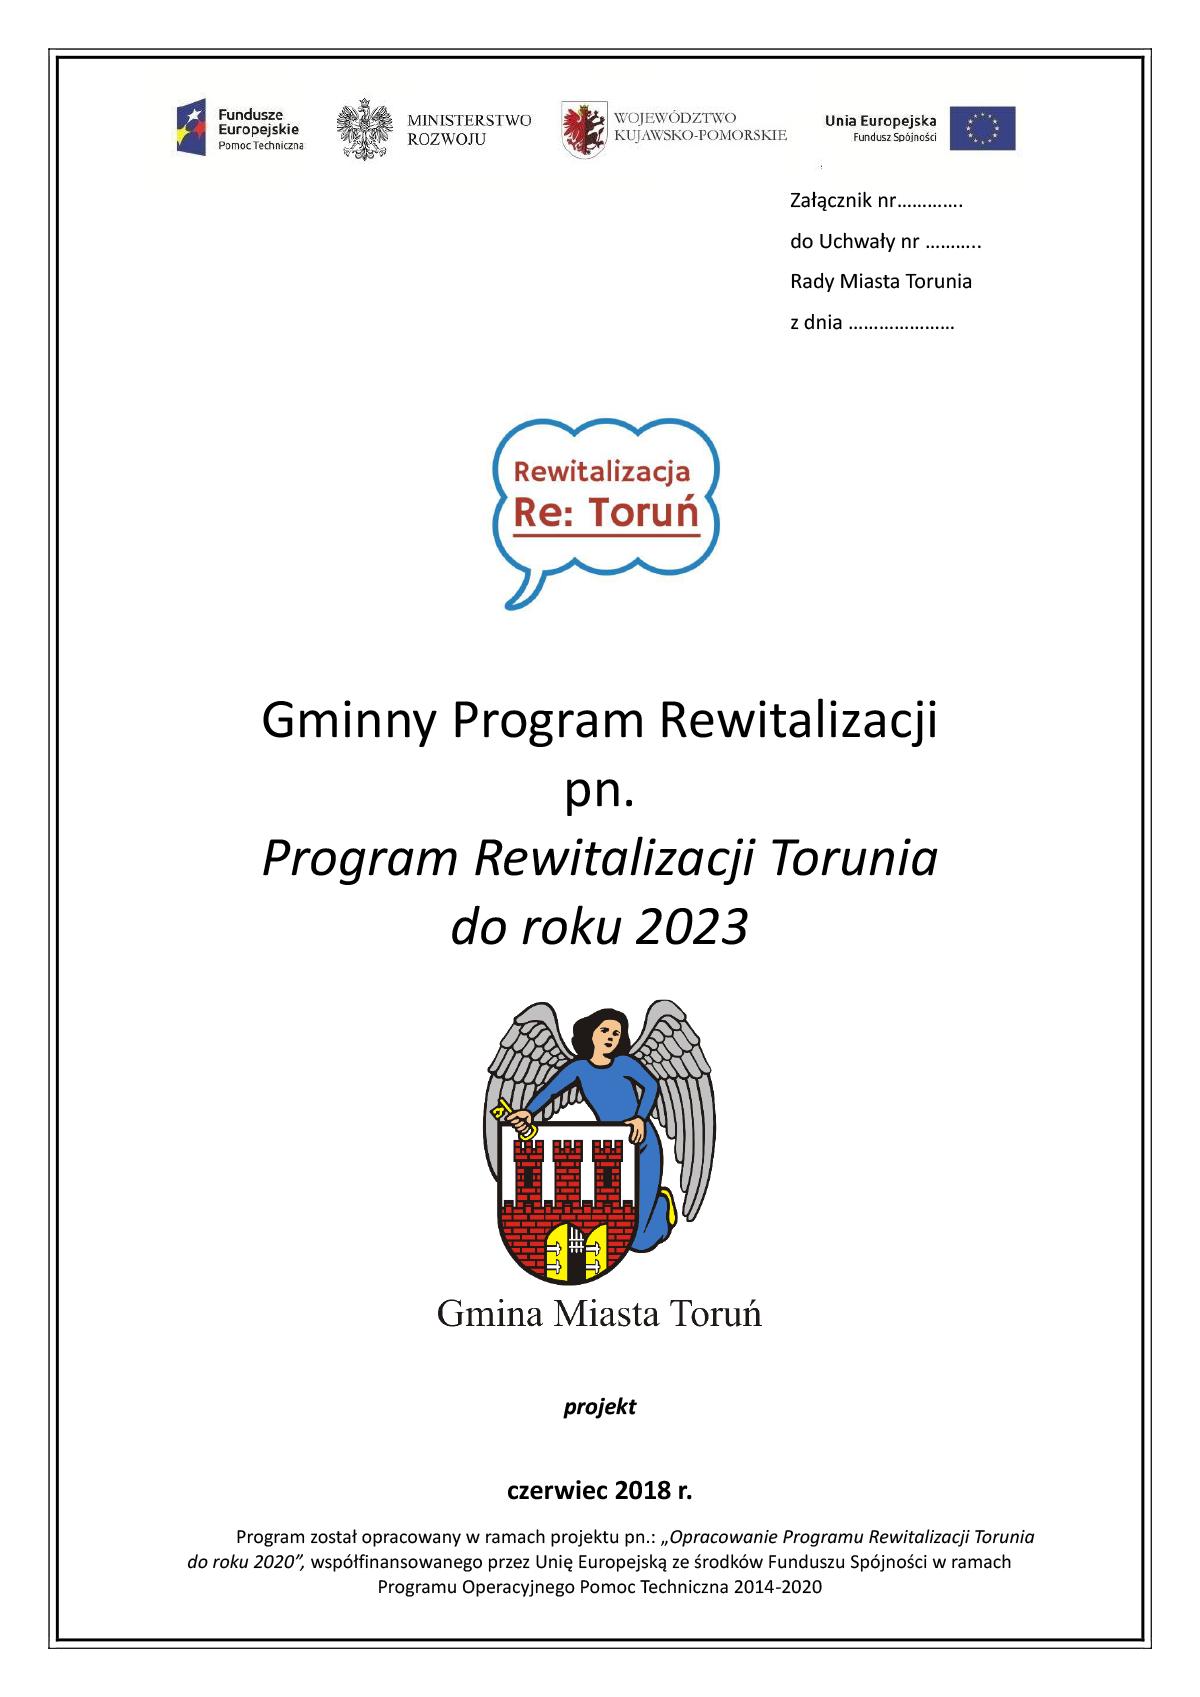 Program Rewitalizacji Torunia do roku 2023